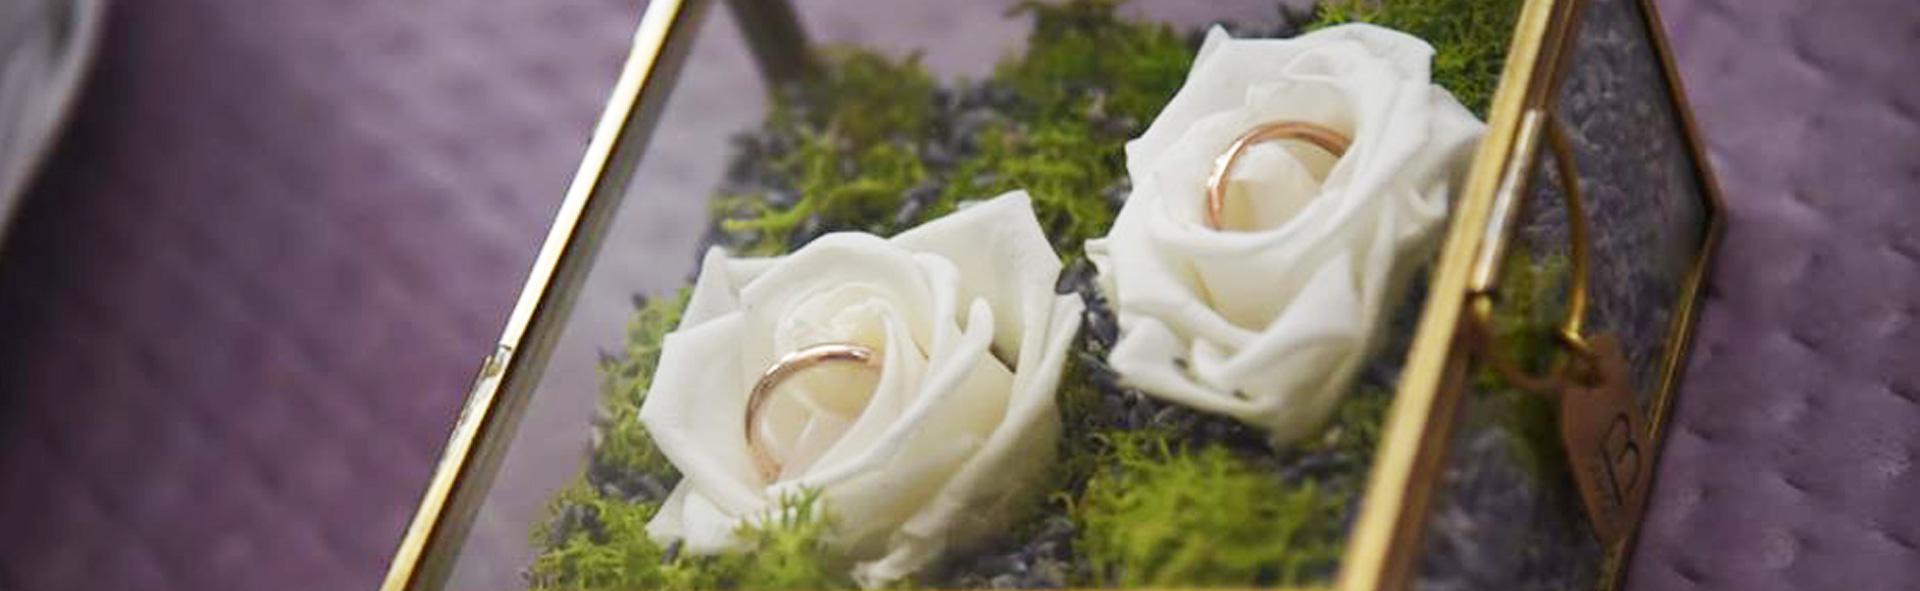 servizi quadrifoglio wedding